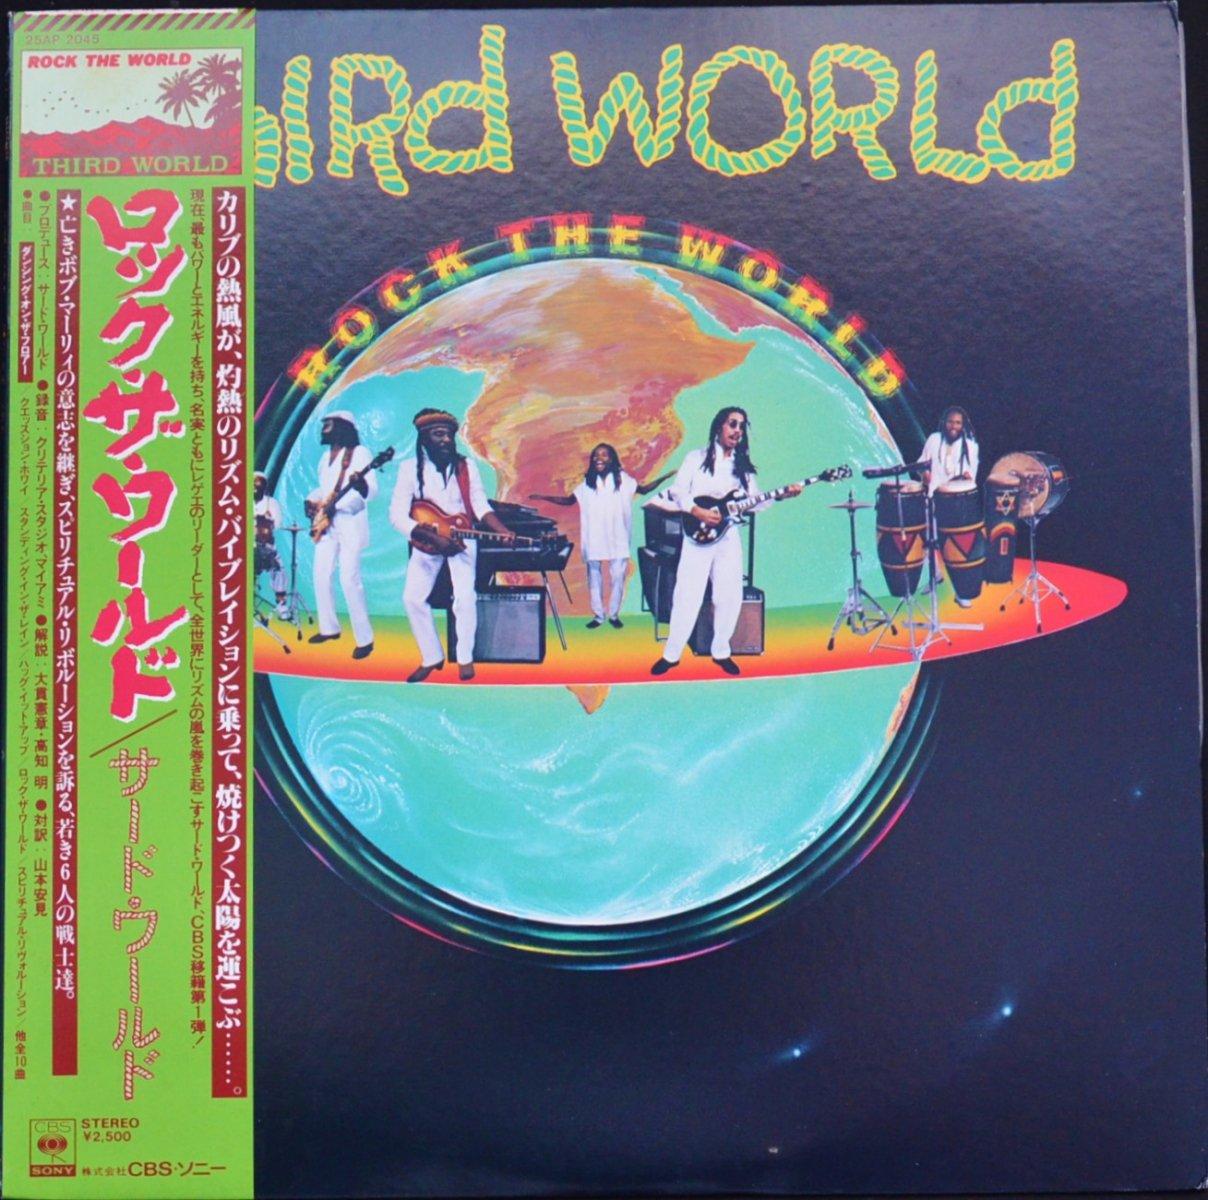 サード・ワールド THIRD WORLD / ロック・ザ・ワールド ROCK THE WORLD (LP)